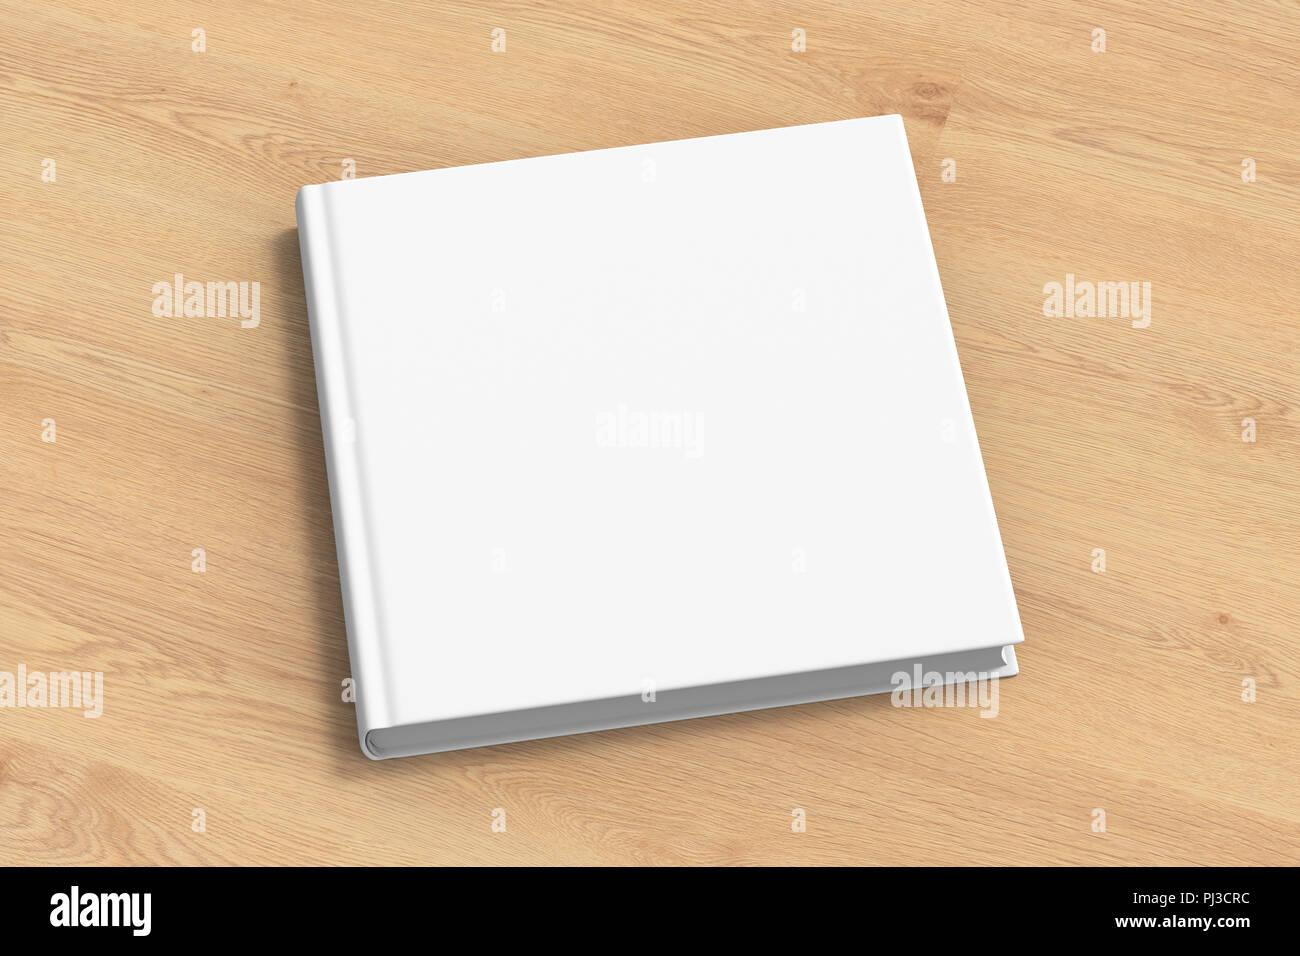 Maquette De Couverture De Livre Blanc Carre Debout Sur Fond